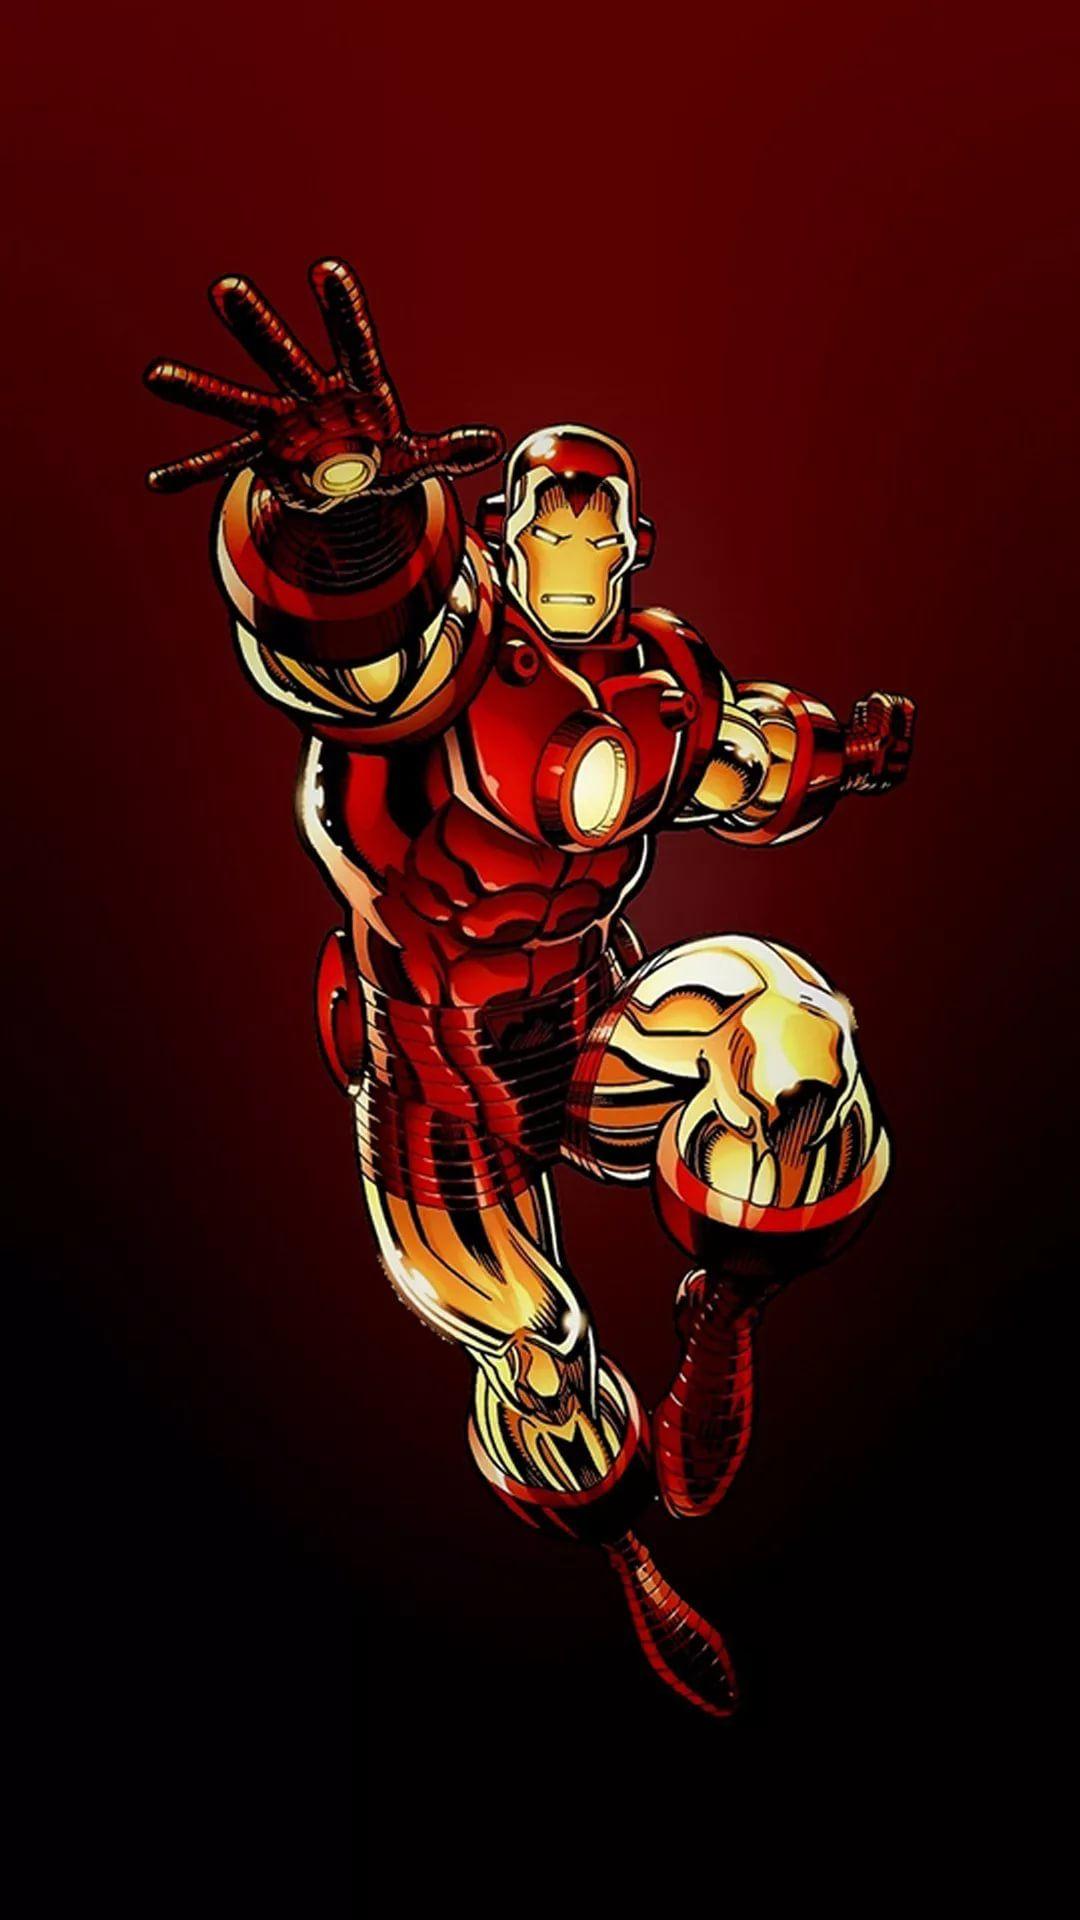 Iron Man D home screen wallpaper